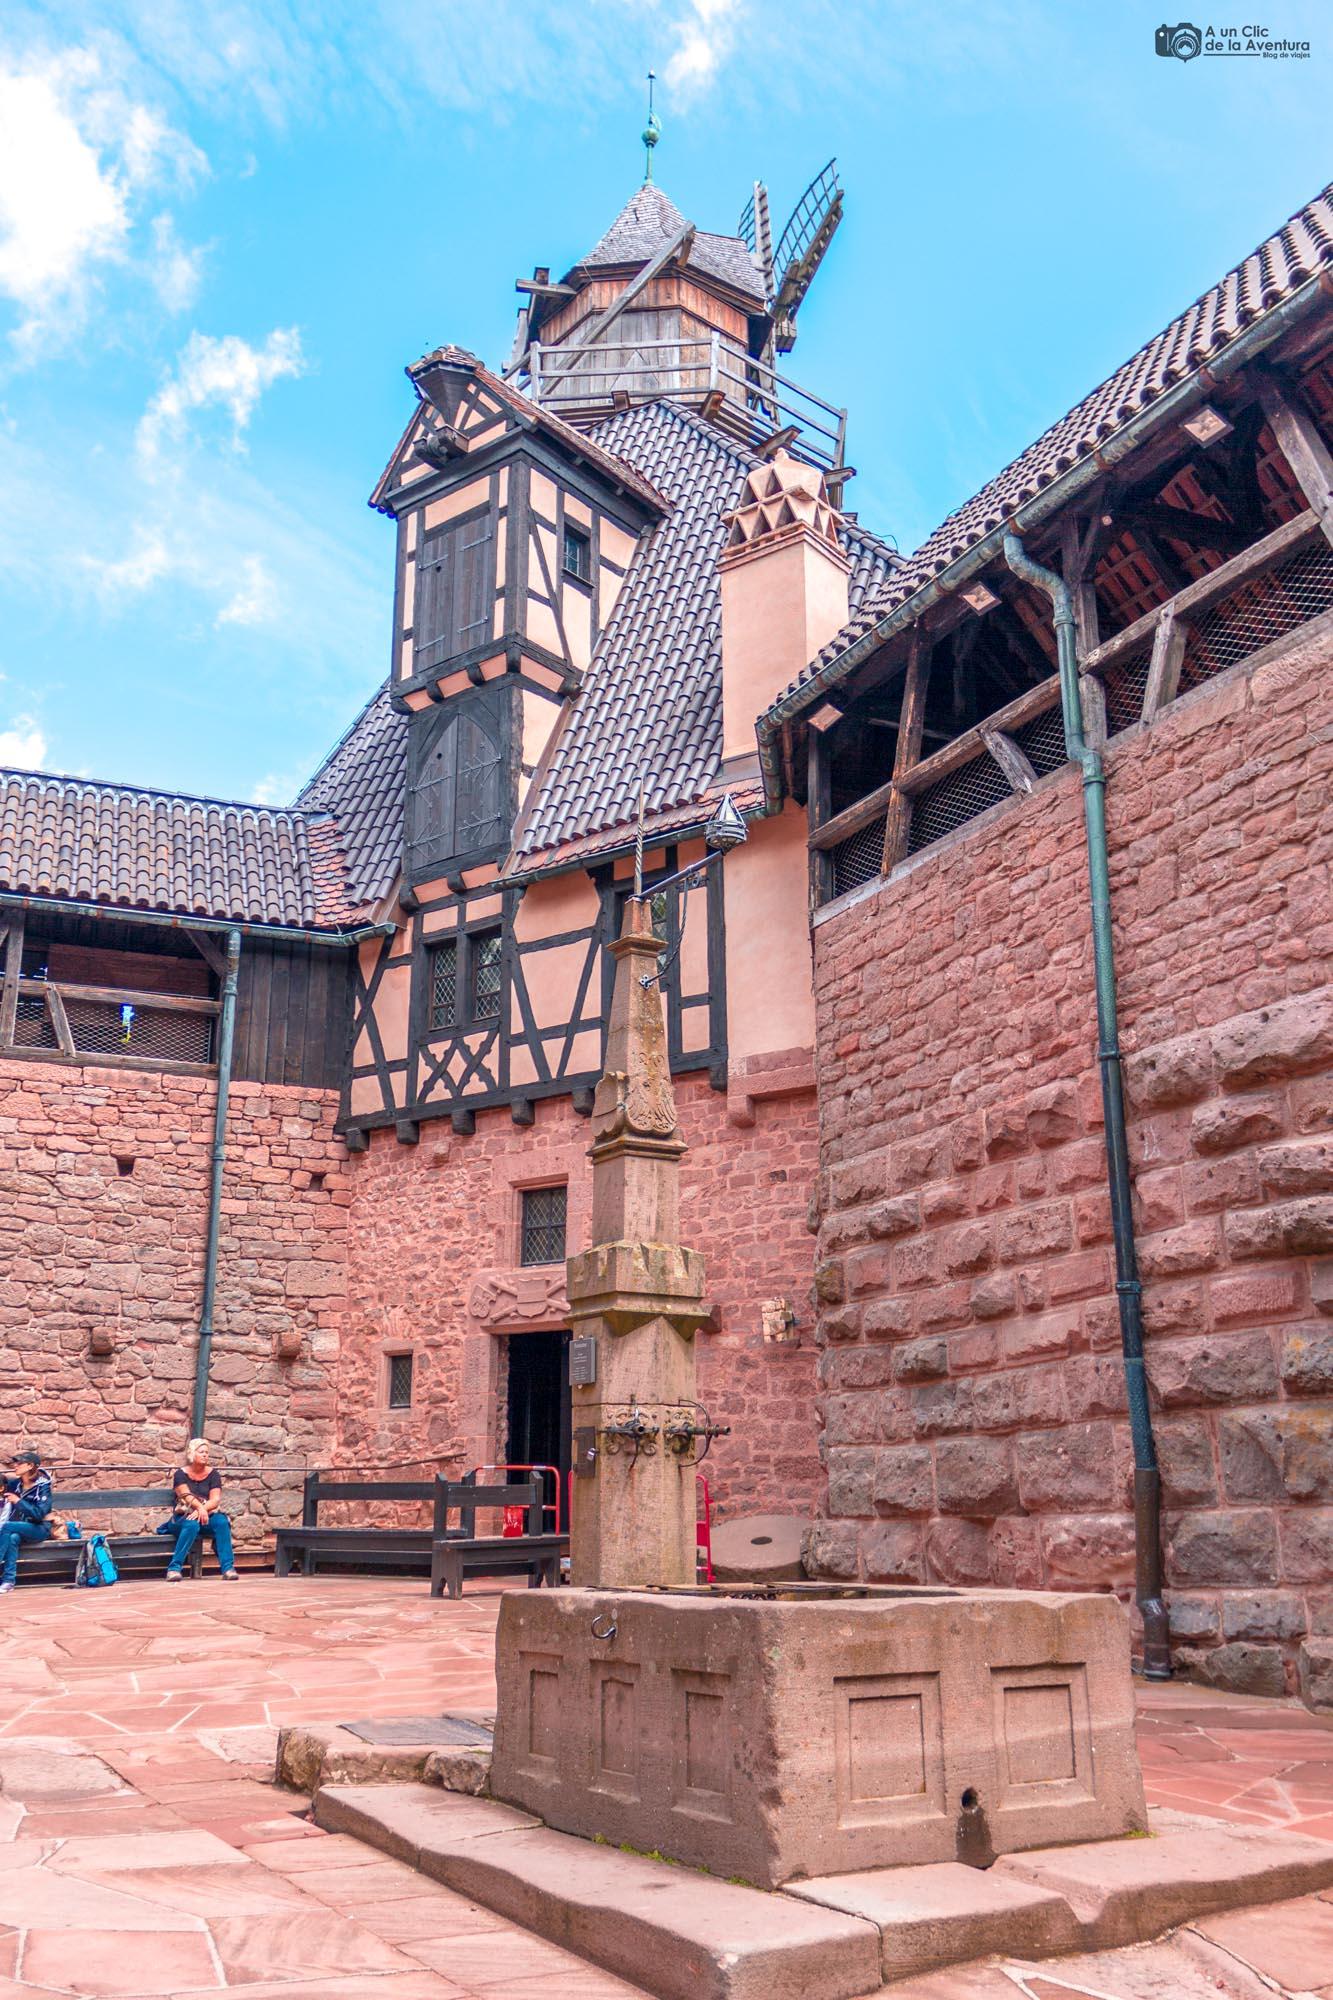 Fuente y molino del Patio Inferior del Castillo de Haut-Koenigsbourg